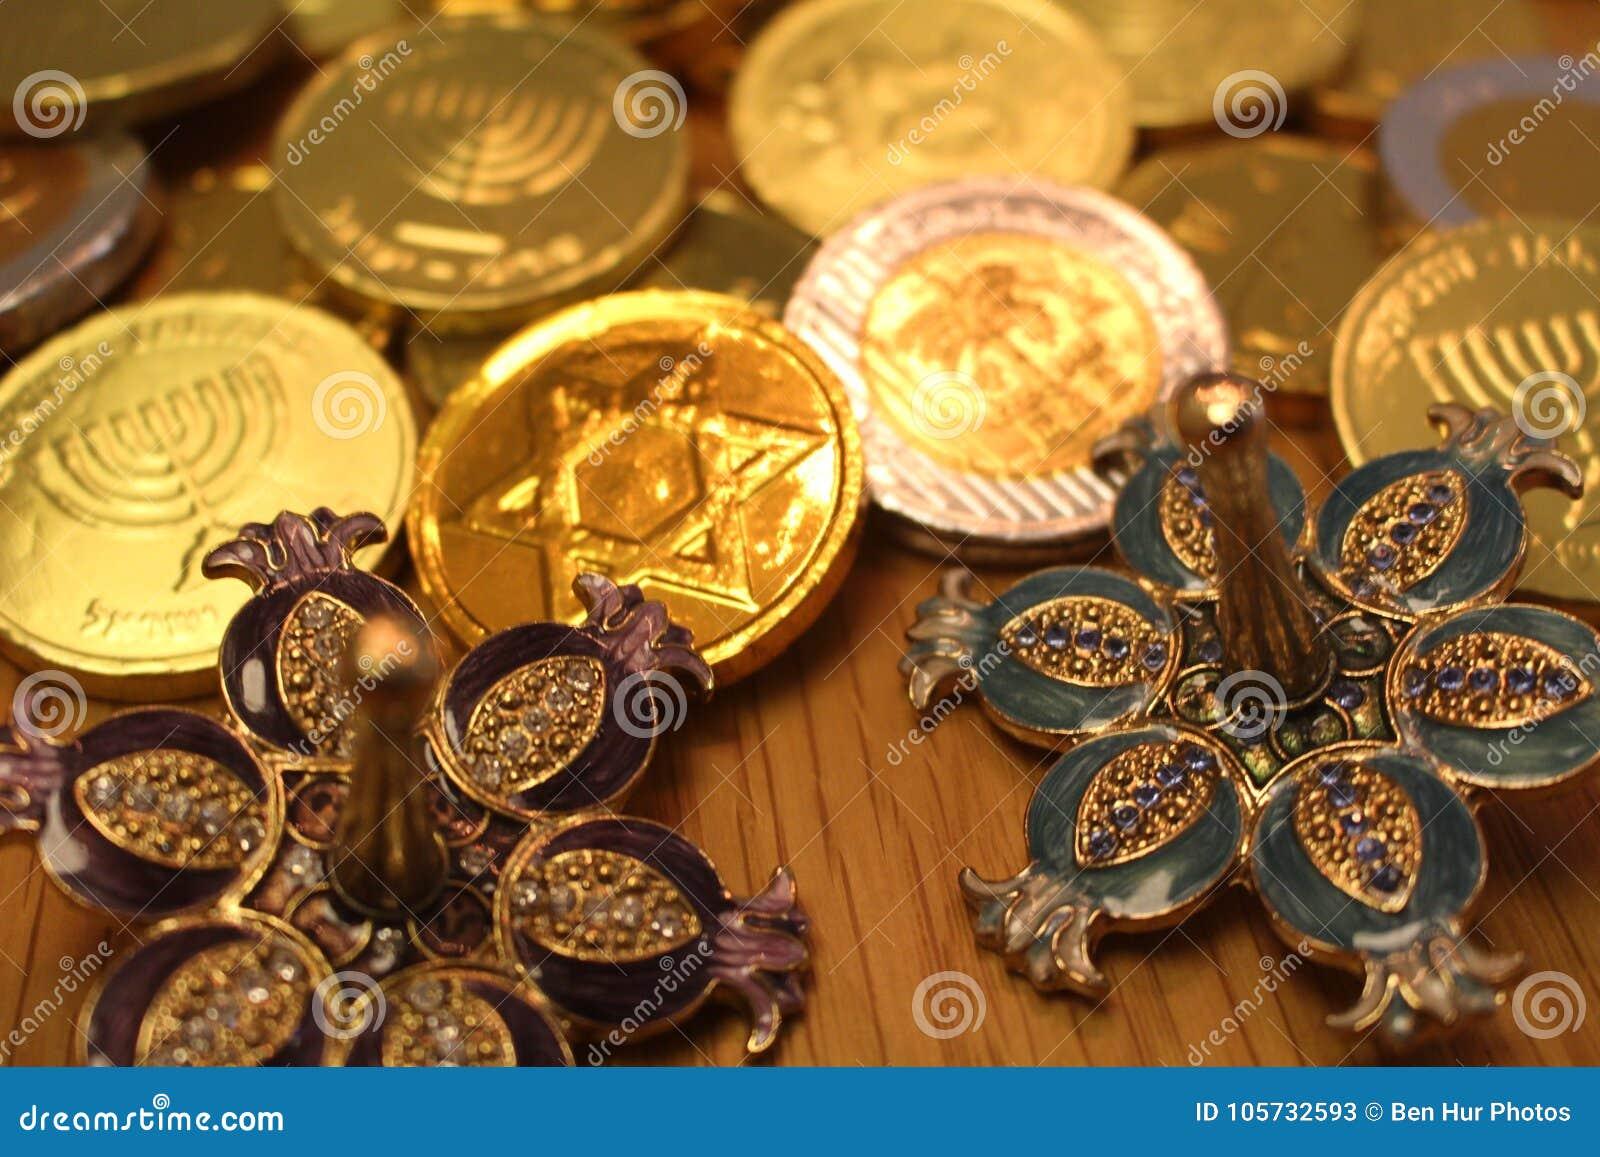 Hanukkah gelt czekolady monety z gwiazdą dawidowa na plecy i srebra dreidel z granatowem